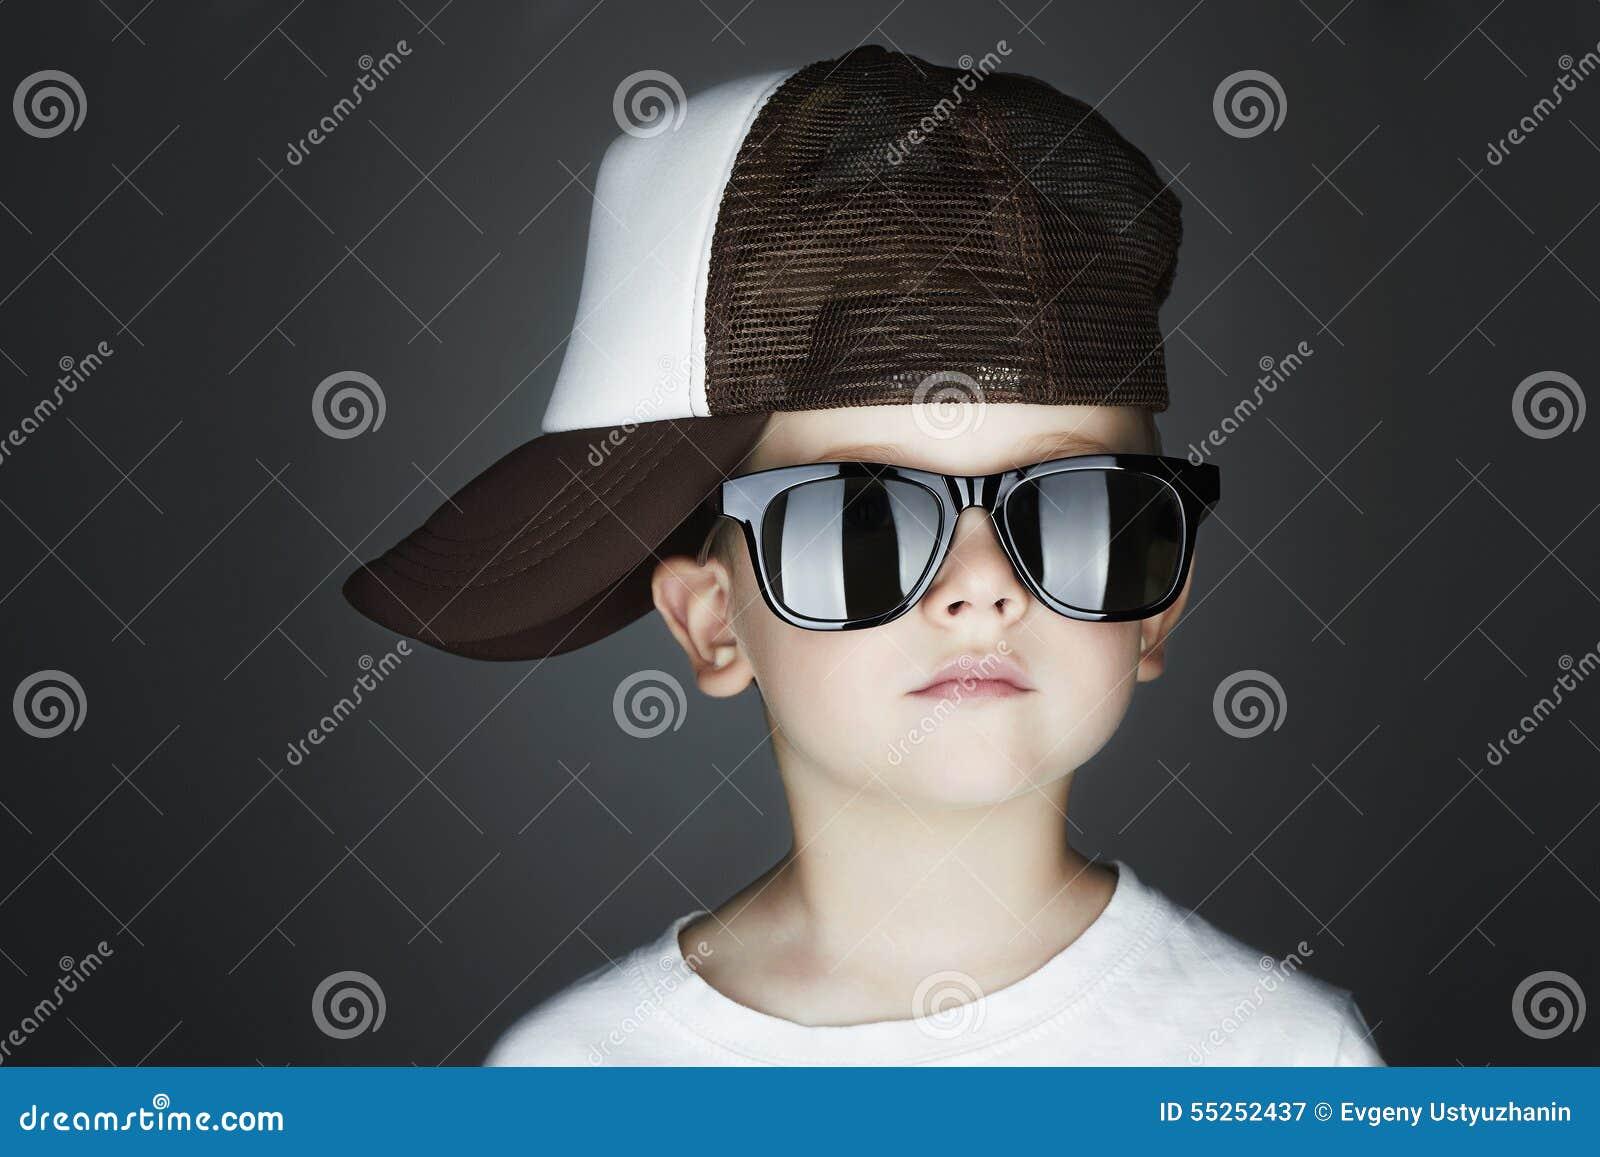 Little Boy Hip-Hop-Art Fashion Children Stattlich in den Sonnenbrillen im Verfolger-Hut